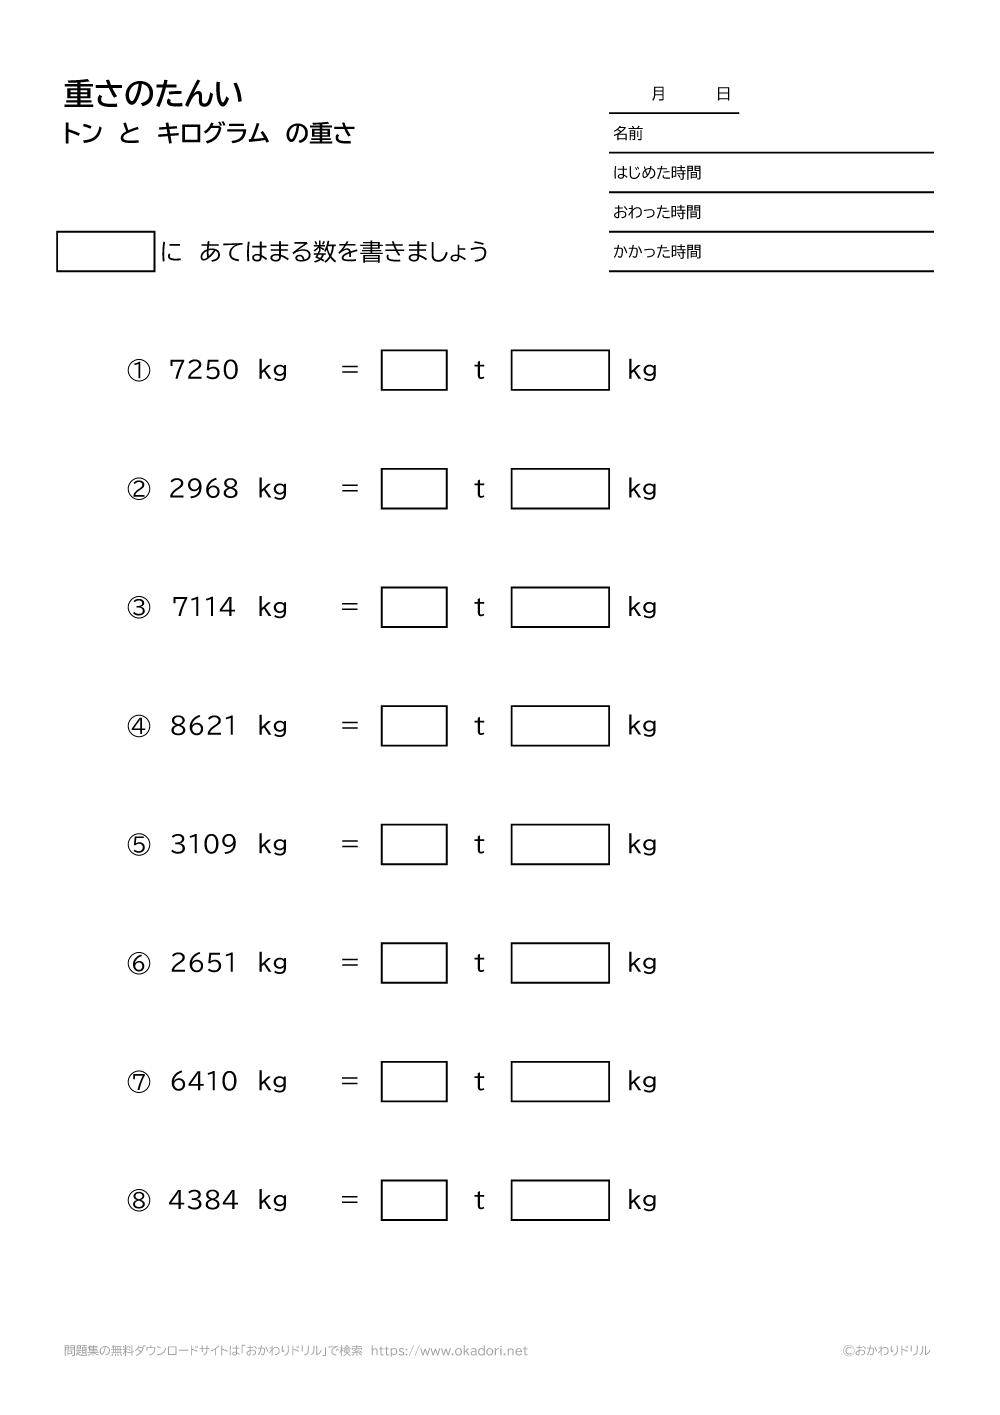 トンとキログラムの重さの単位-1-3